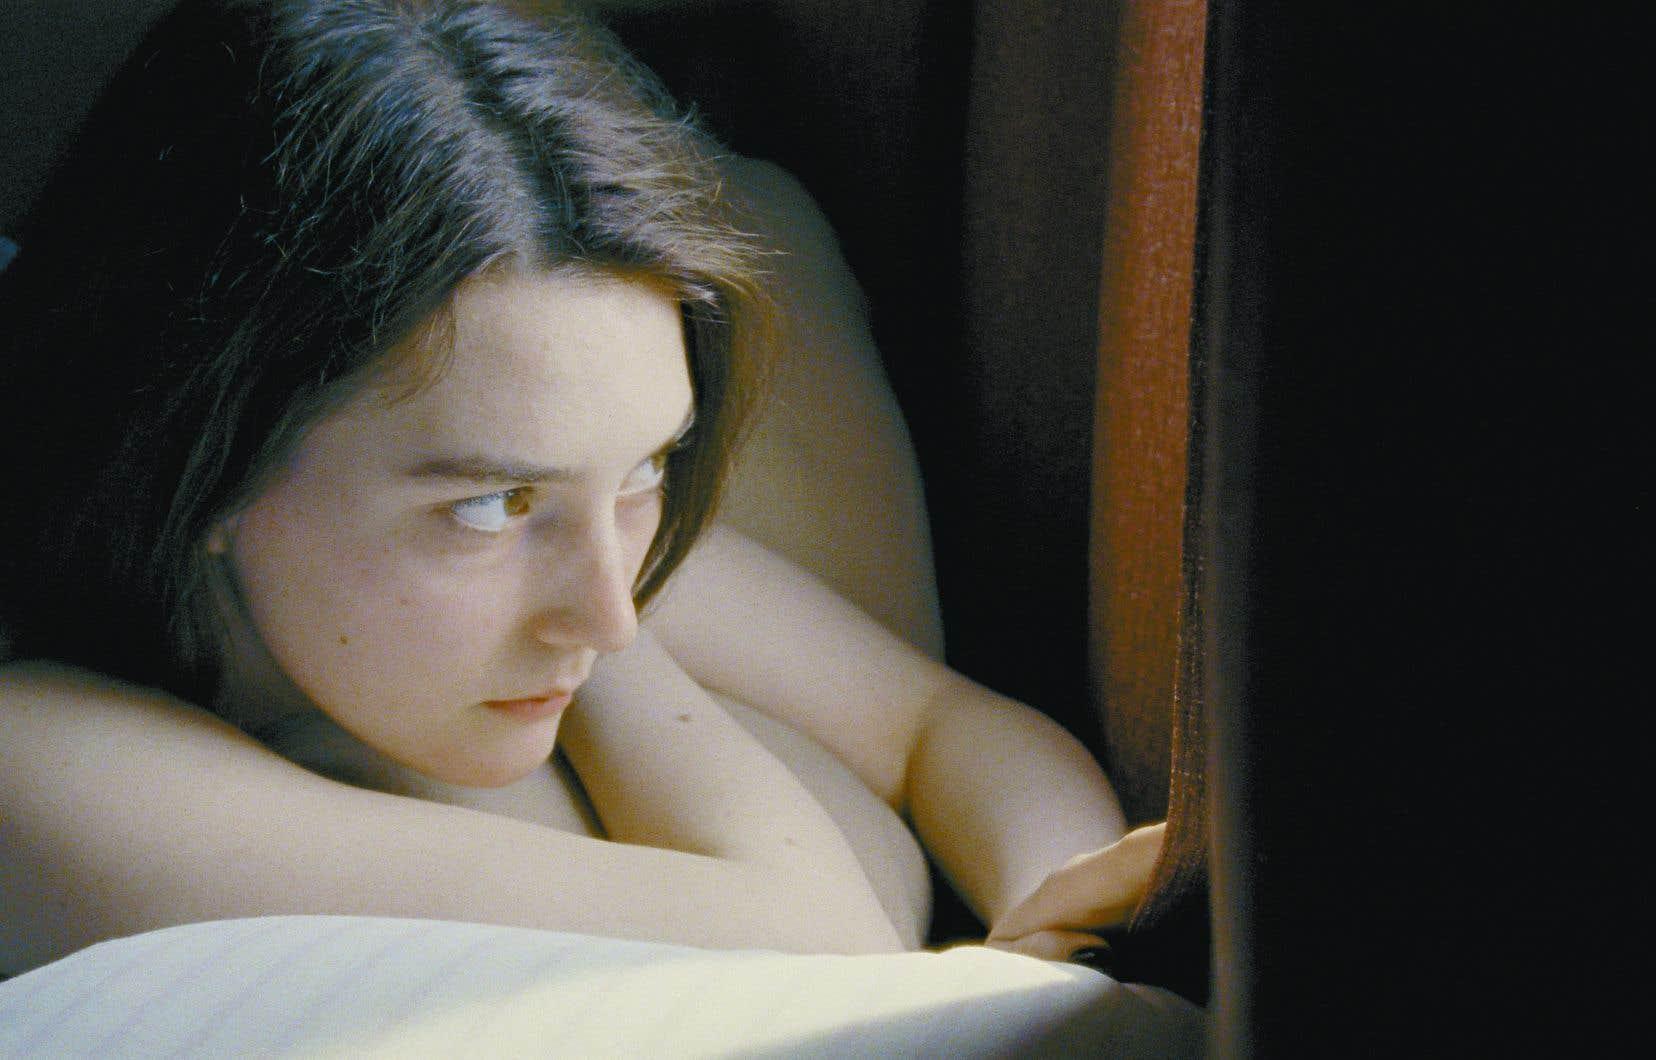 L'actrice Sidney Flanigan brille par l'intériorité de son jeu dans son interprétation de l'héroïne, Autumn.